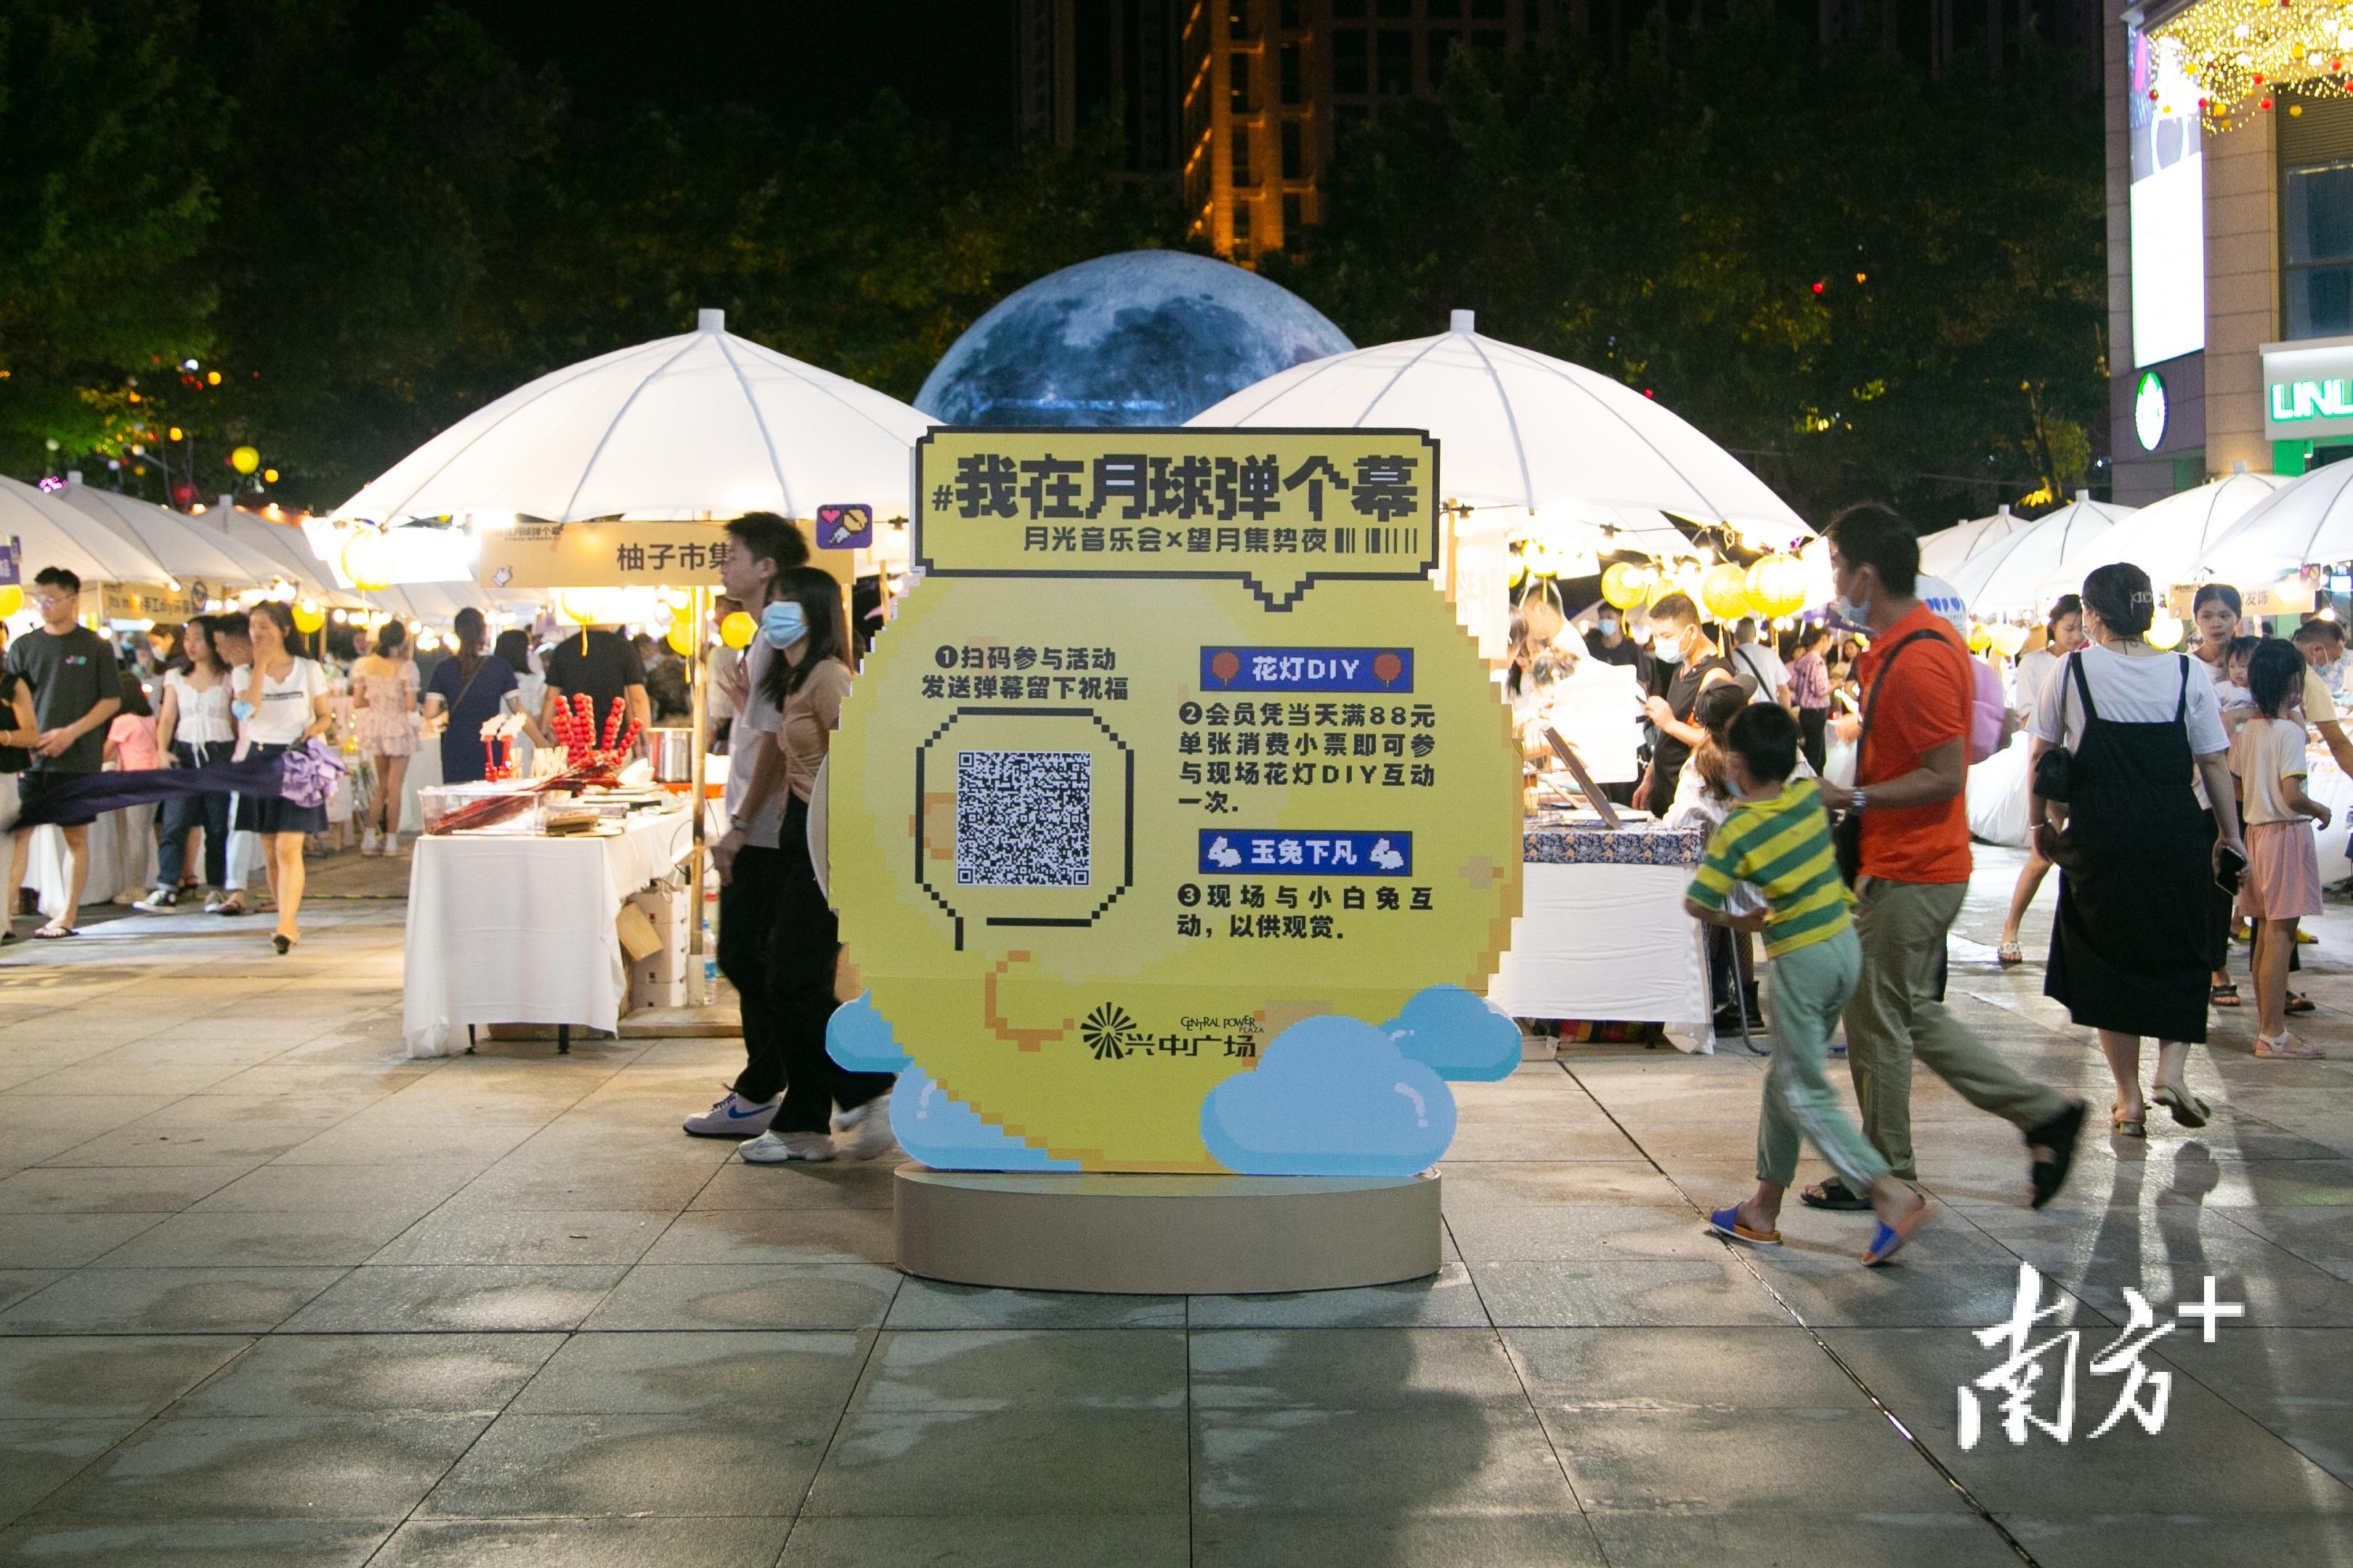 """扫面现场二维码,市民可以把祝福投送至""""月球""""上展示。 南方+ 卢子衡 摄"""